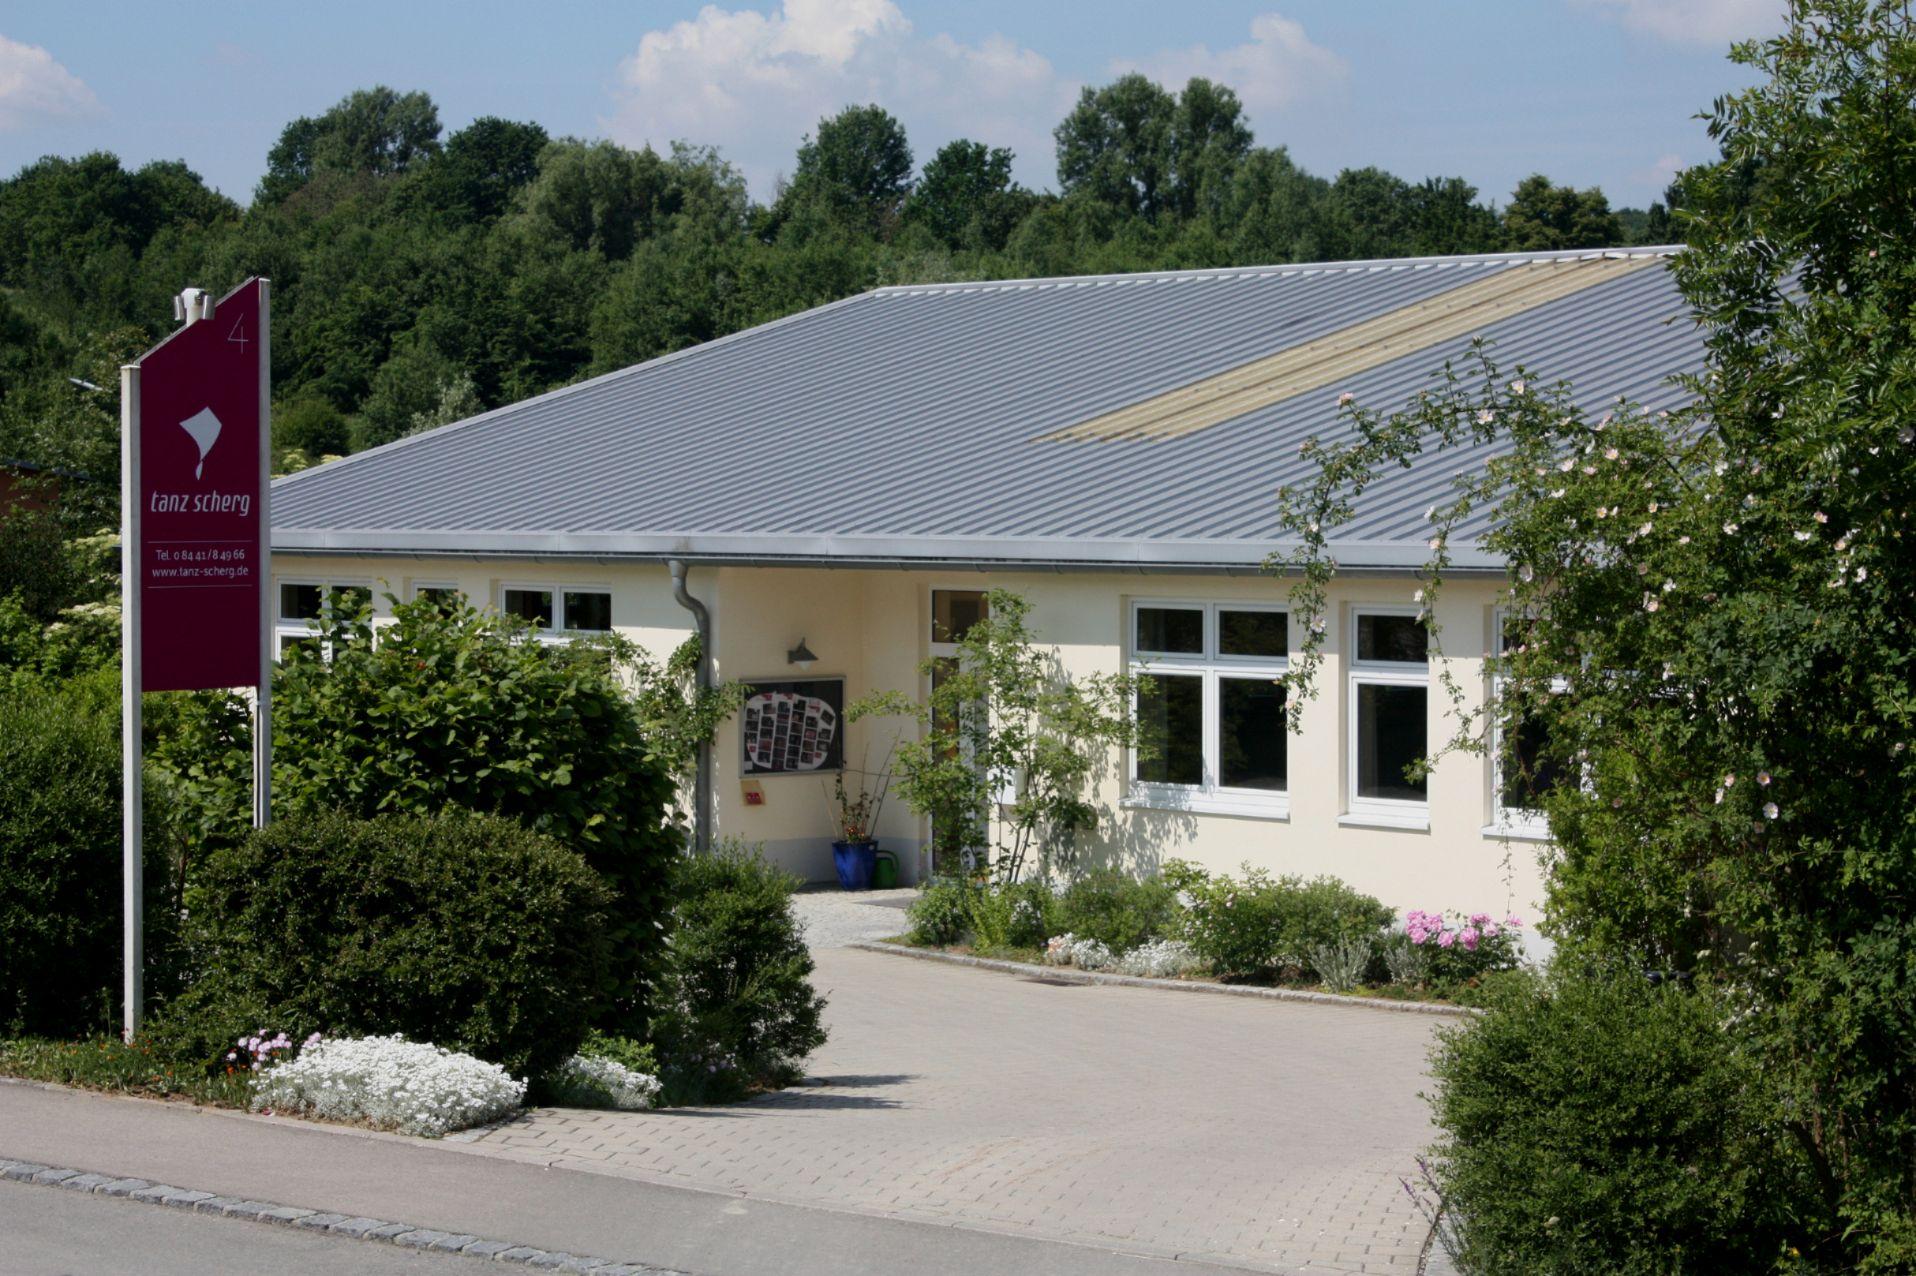 Tanzstudio Scherg